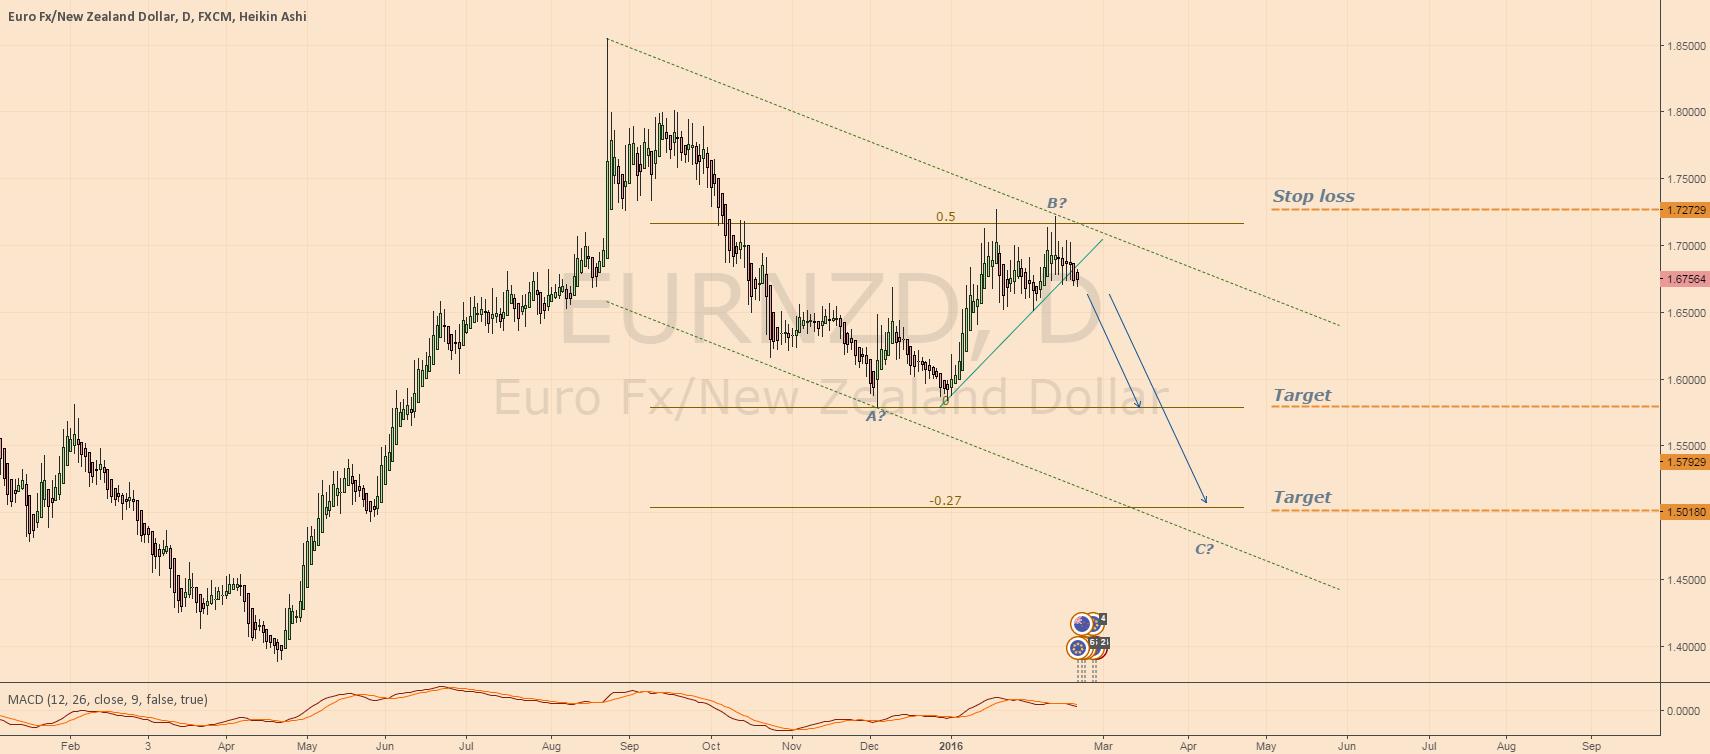 Analysis and plan - SHORT EURNZD